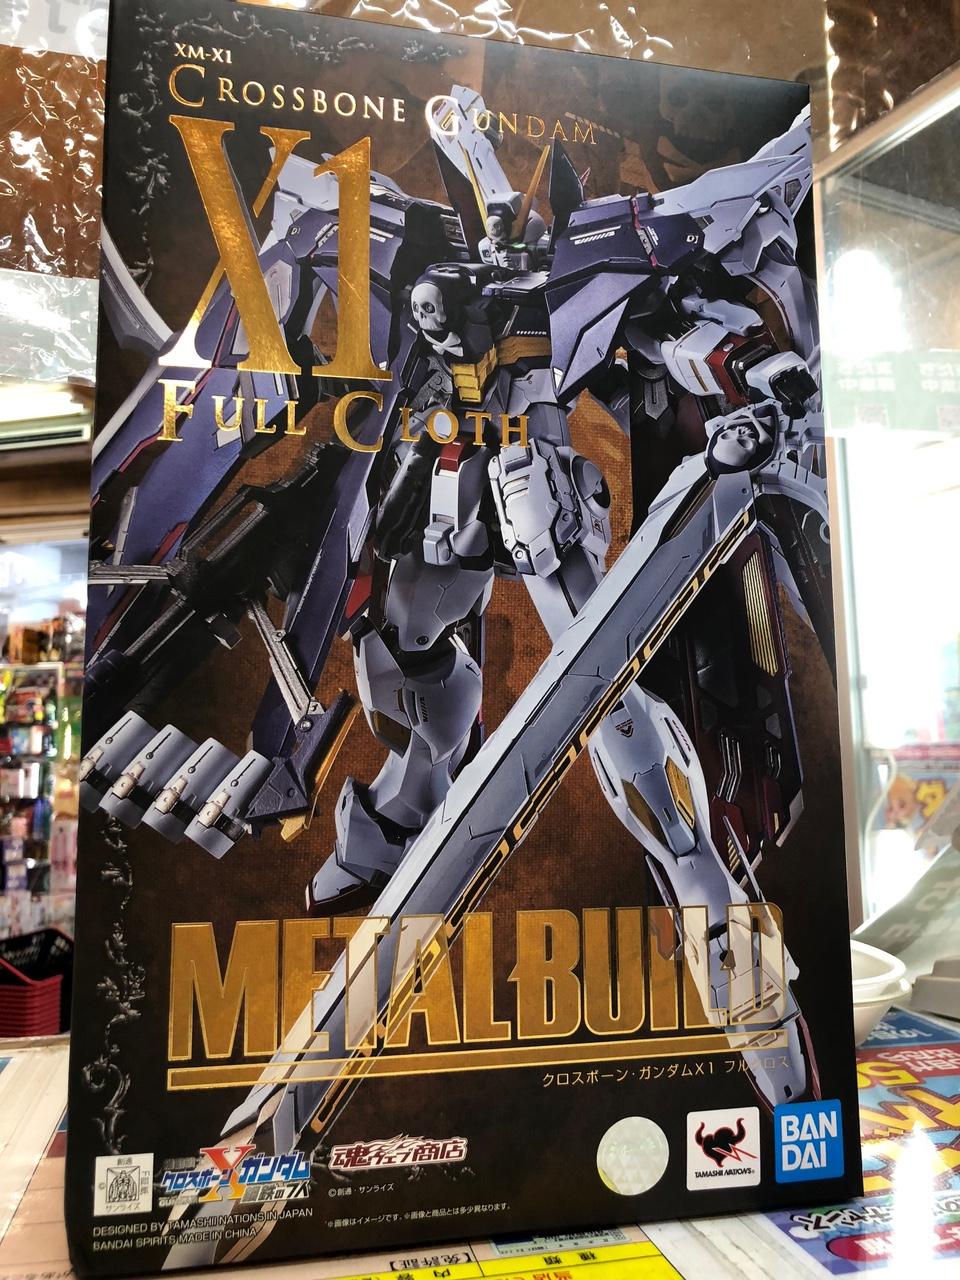 買取情報『バンダイ METAL BUILDのクロスボーン・ガンダムX1 フルクロス』